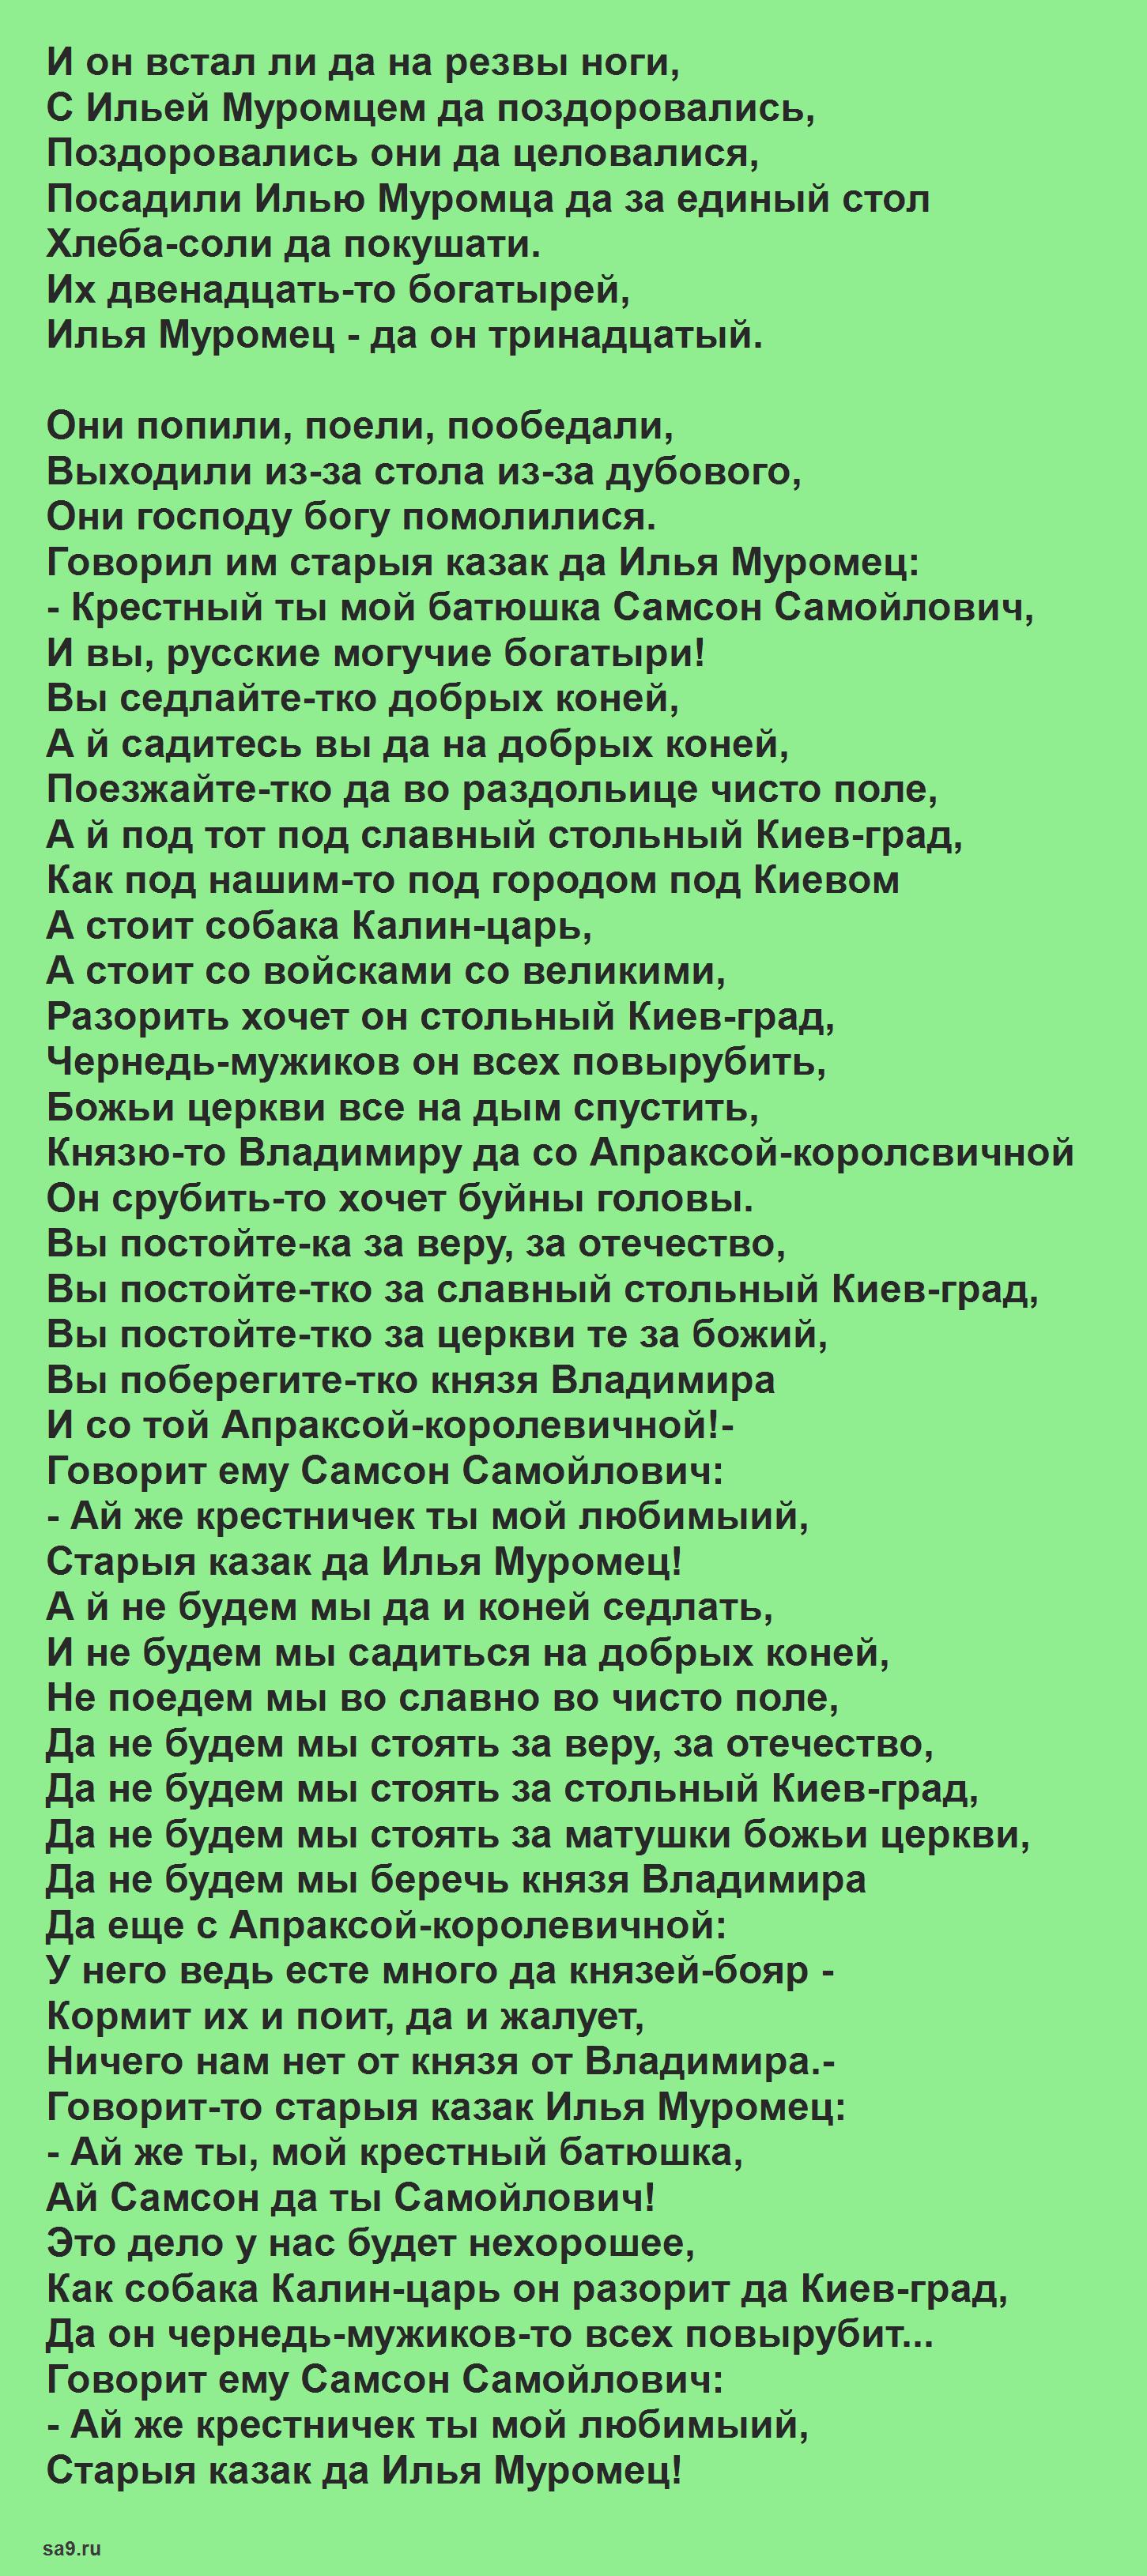 Читать былину - Илья Муромец и Калин царь, полностью бесплатно